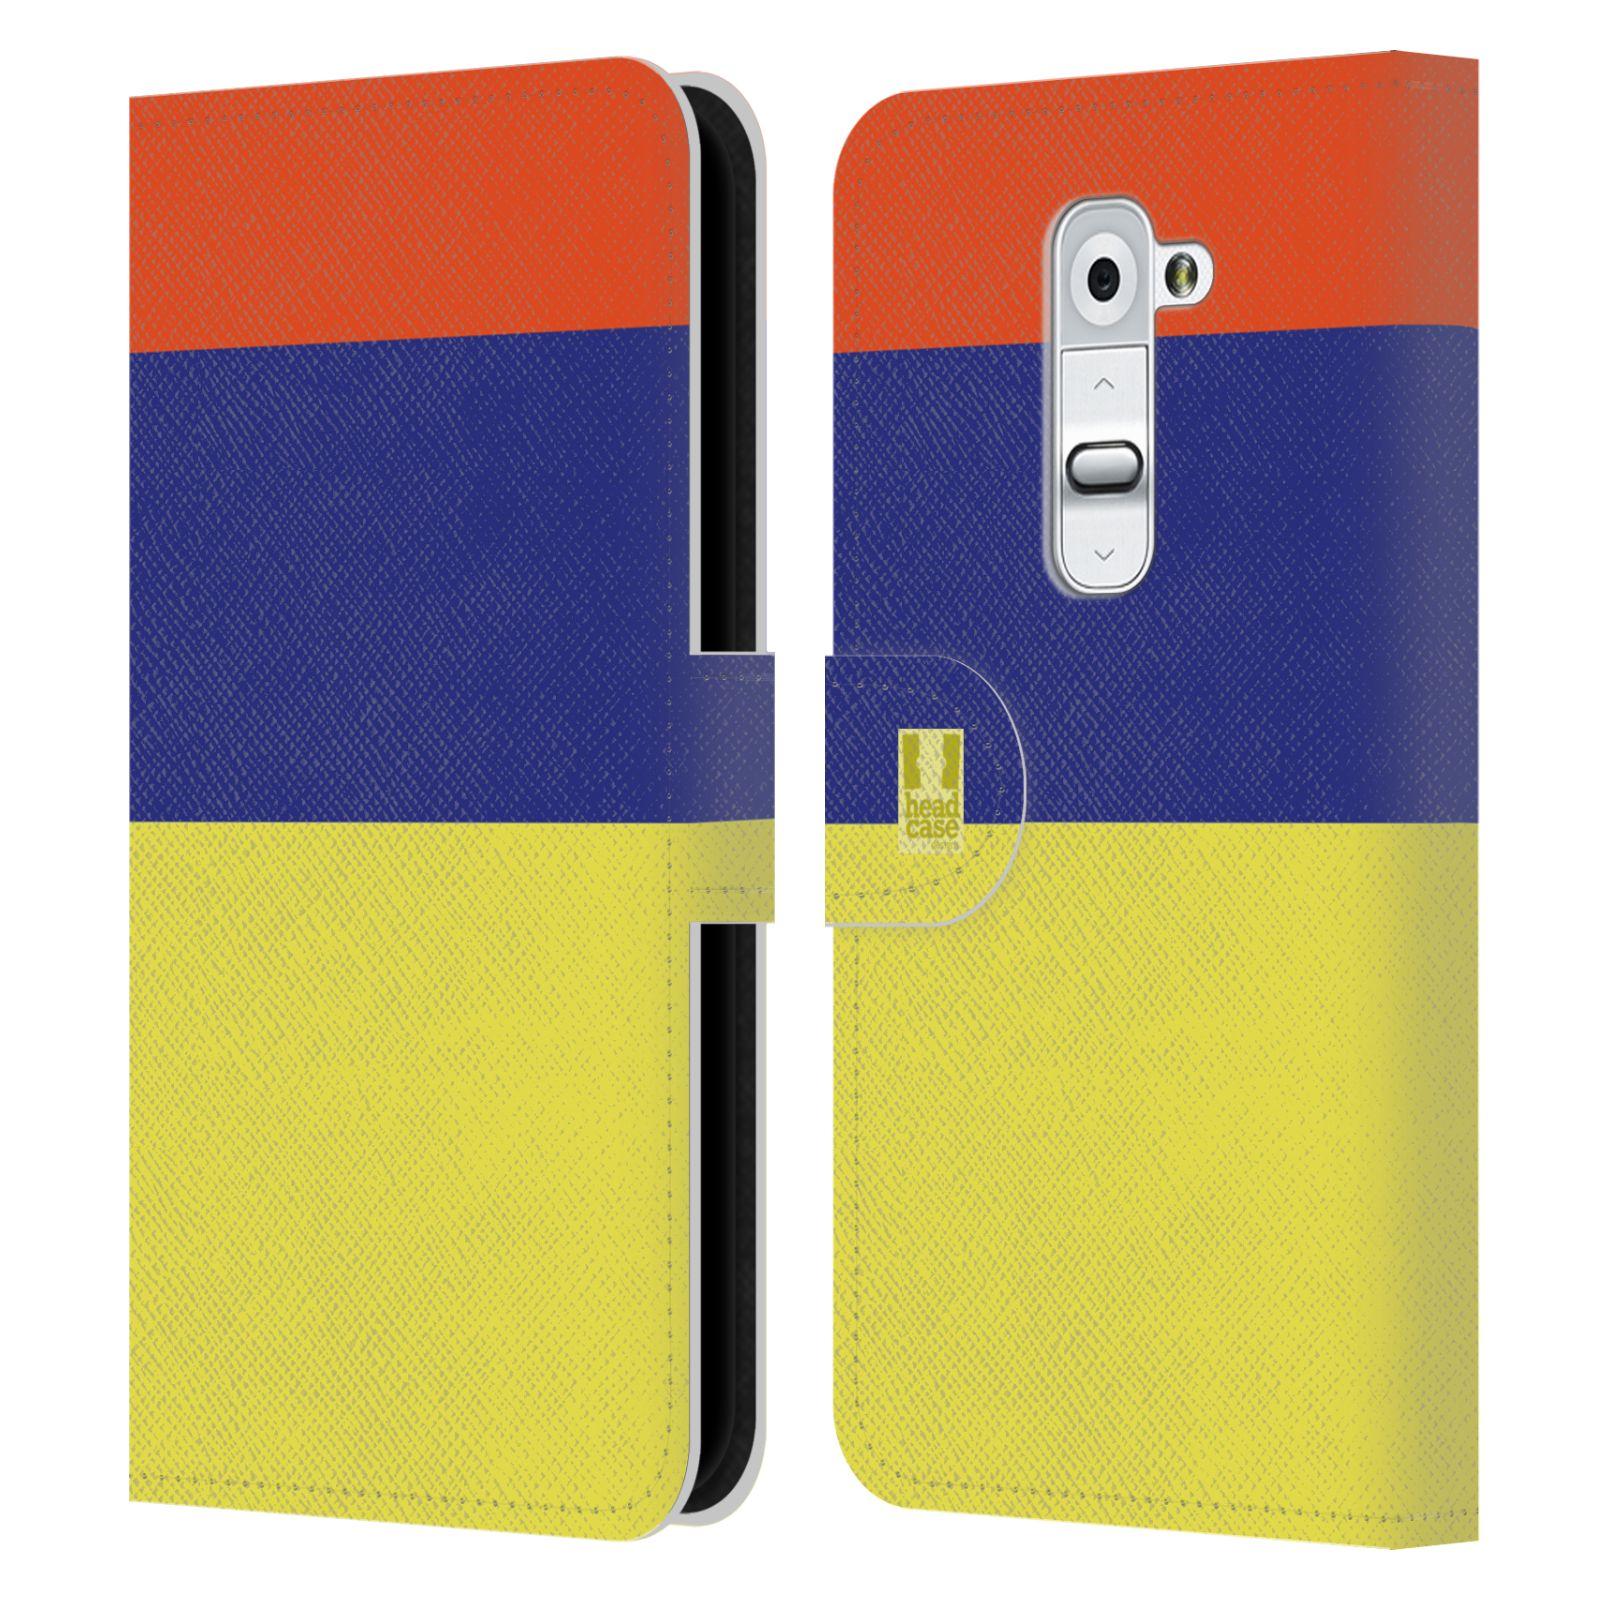 HEAD CASE Flipové pouzdro pro mobil LG G2 barevné tvary žlutá, modrá, červená